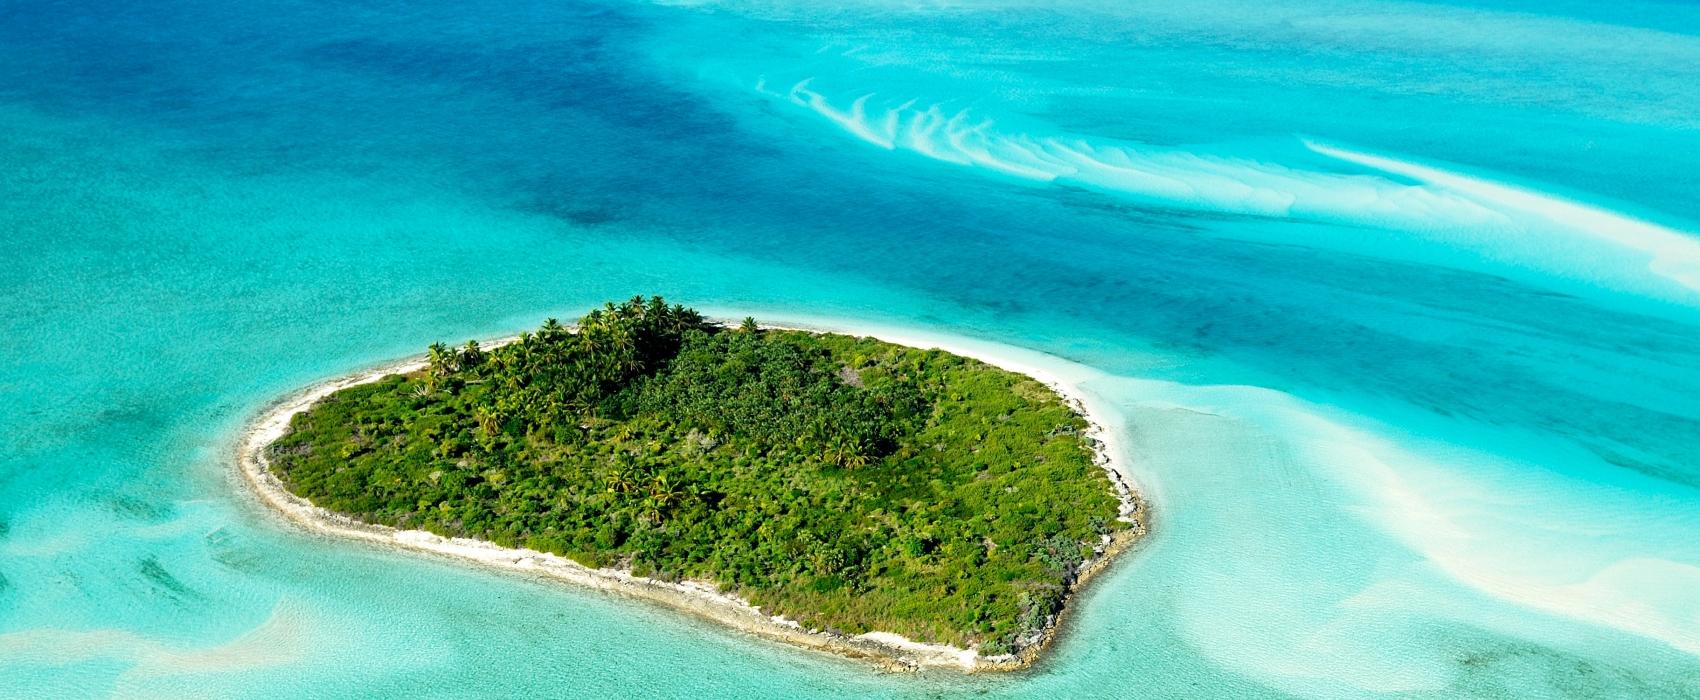 L'ile des Bahamas